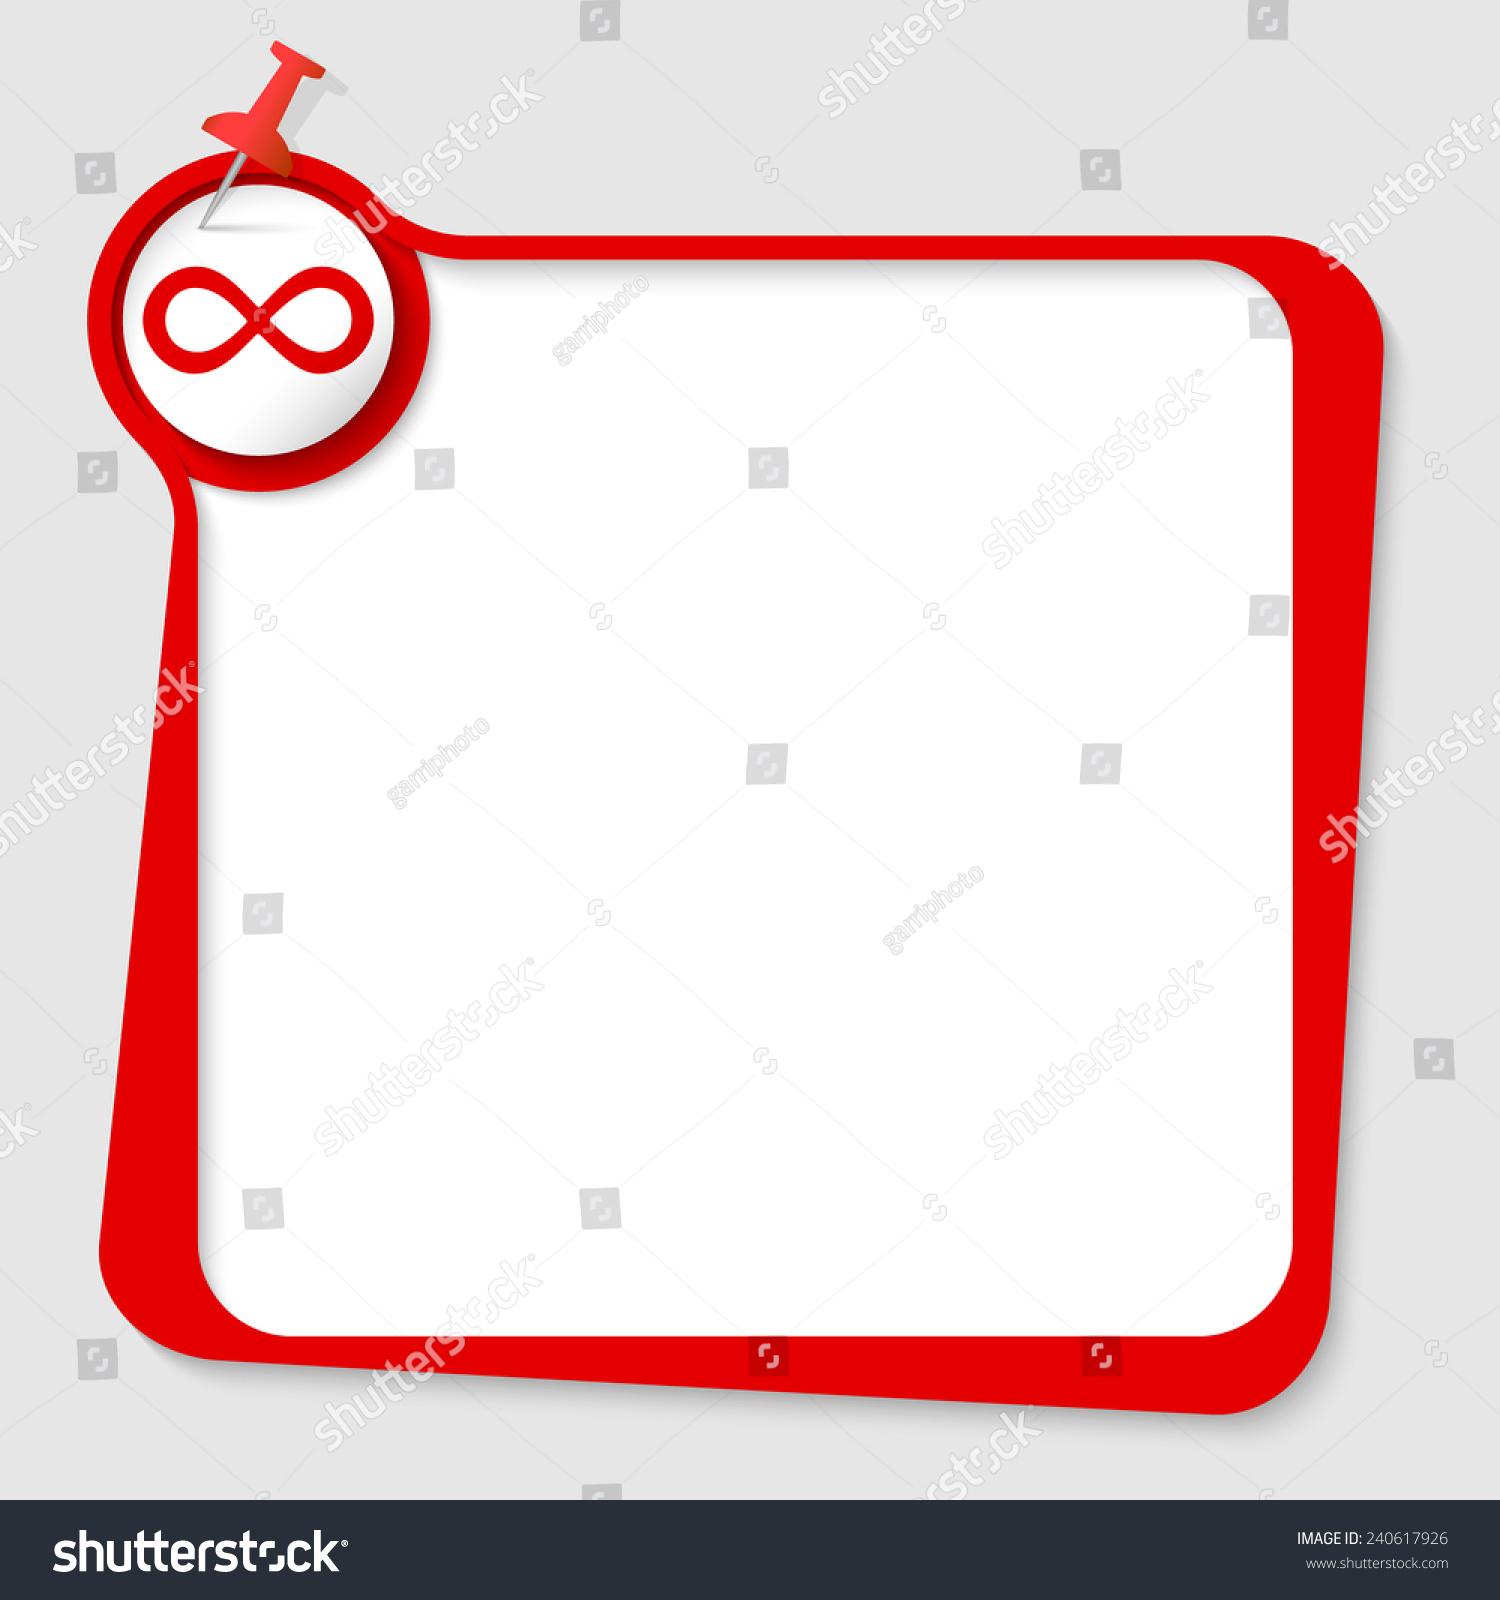 Text box pushpin infinity symbol stock vector 240617926 shutterstock text box with pushpin and infinity symbol biocorpaavc